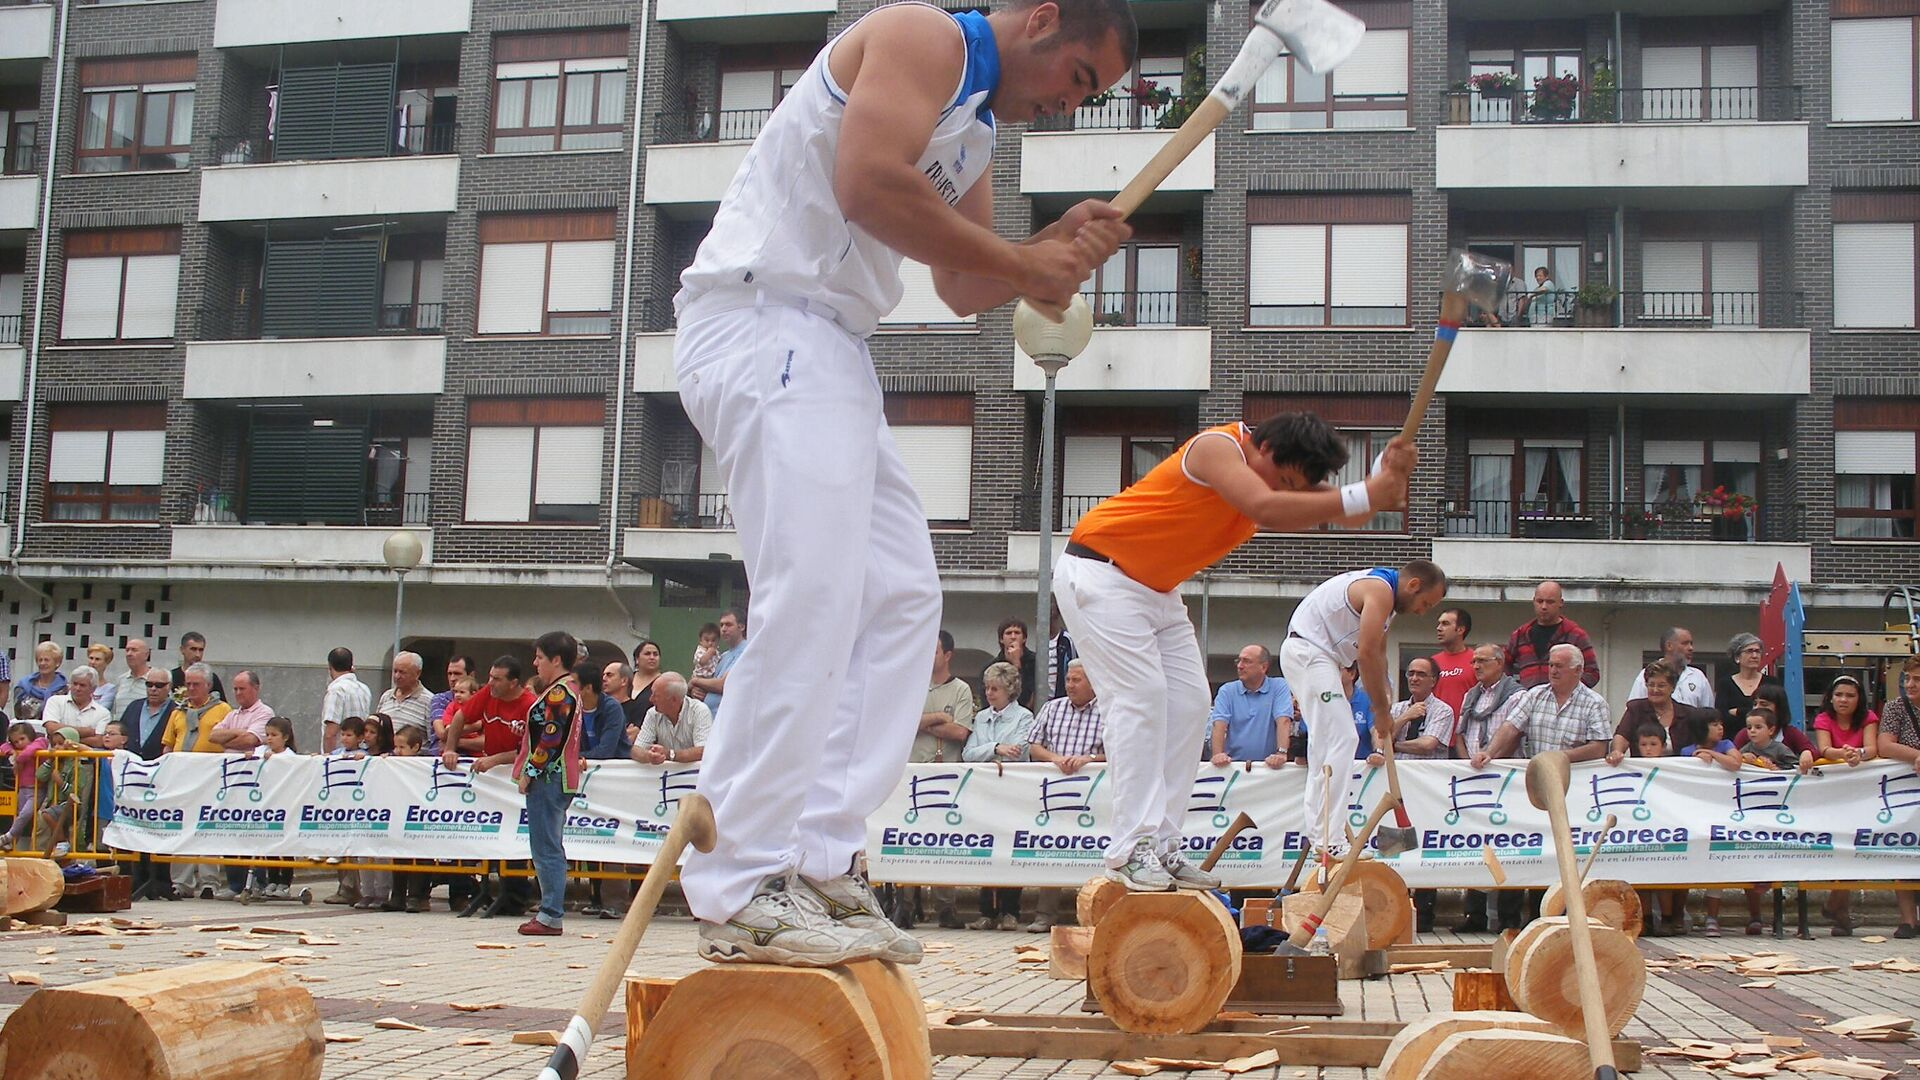 'Aizkolari' en una competición de cortar madera en el País Vasco - Sputnik Mundo, 1920, 03.04.2021